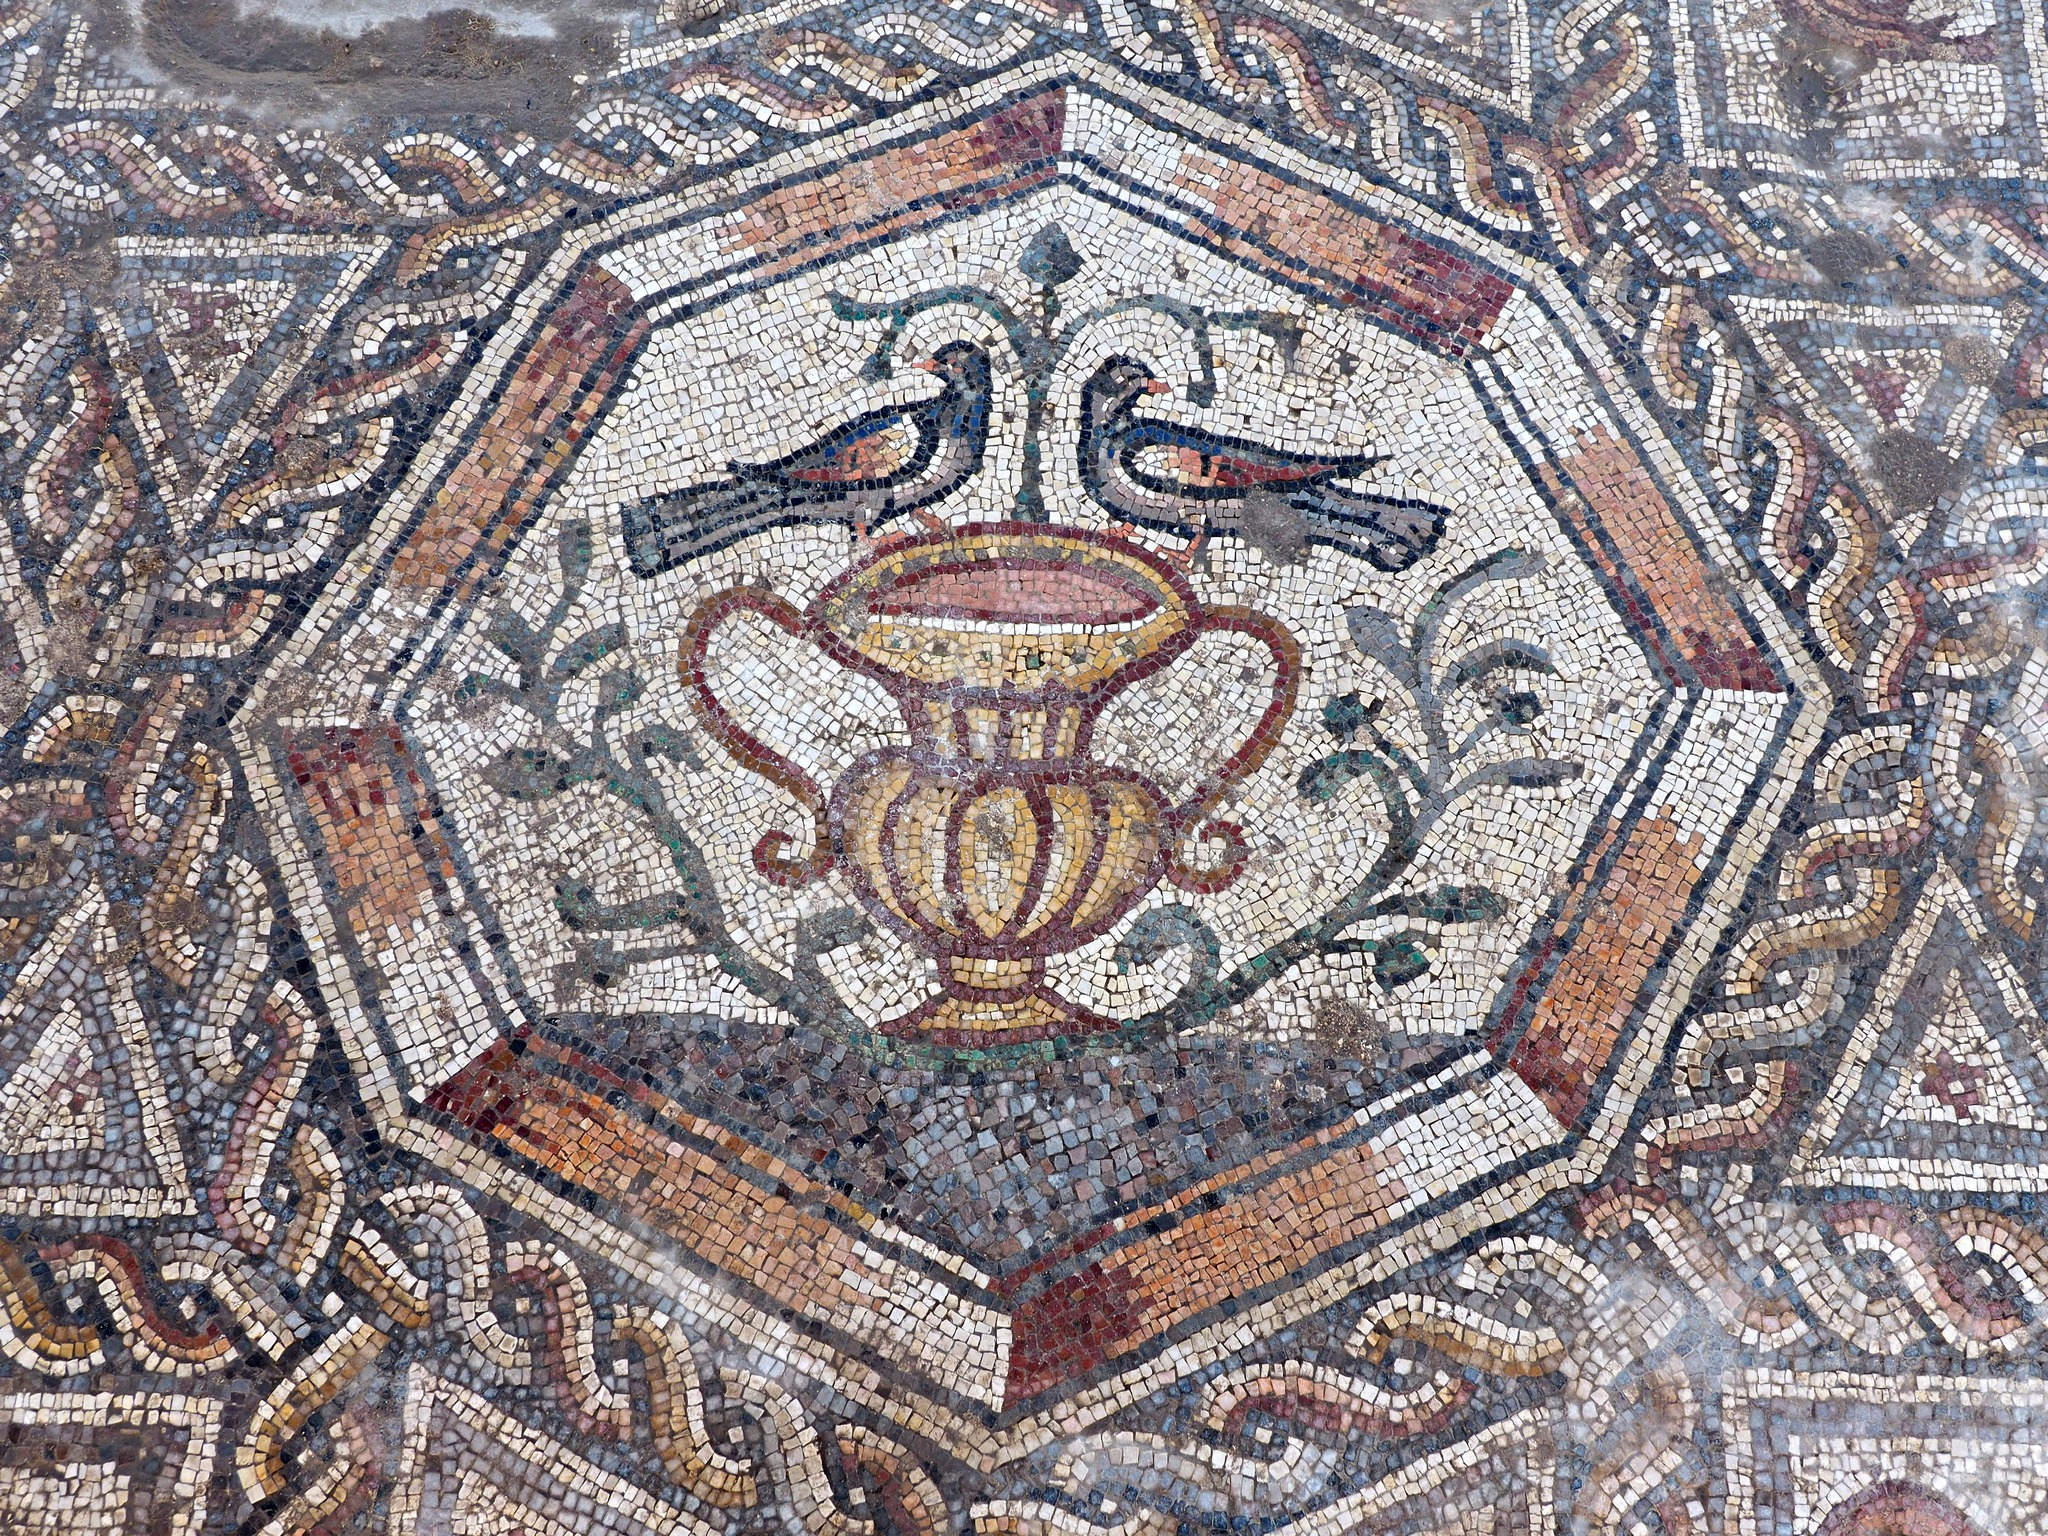 חלקים מהפסיפס המרשים שנחשף בלוד - צילום: אסף פרץ